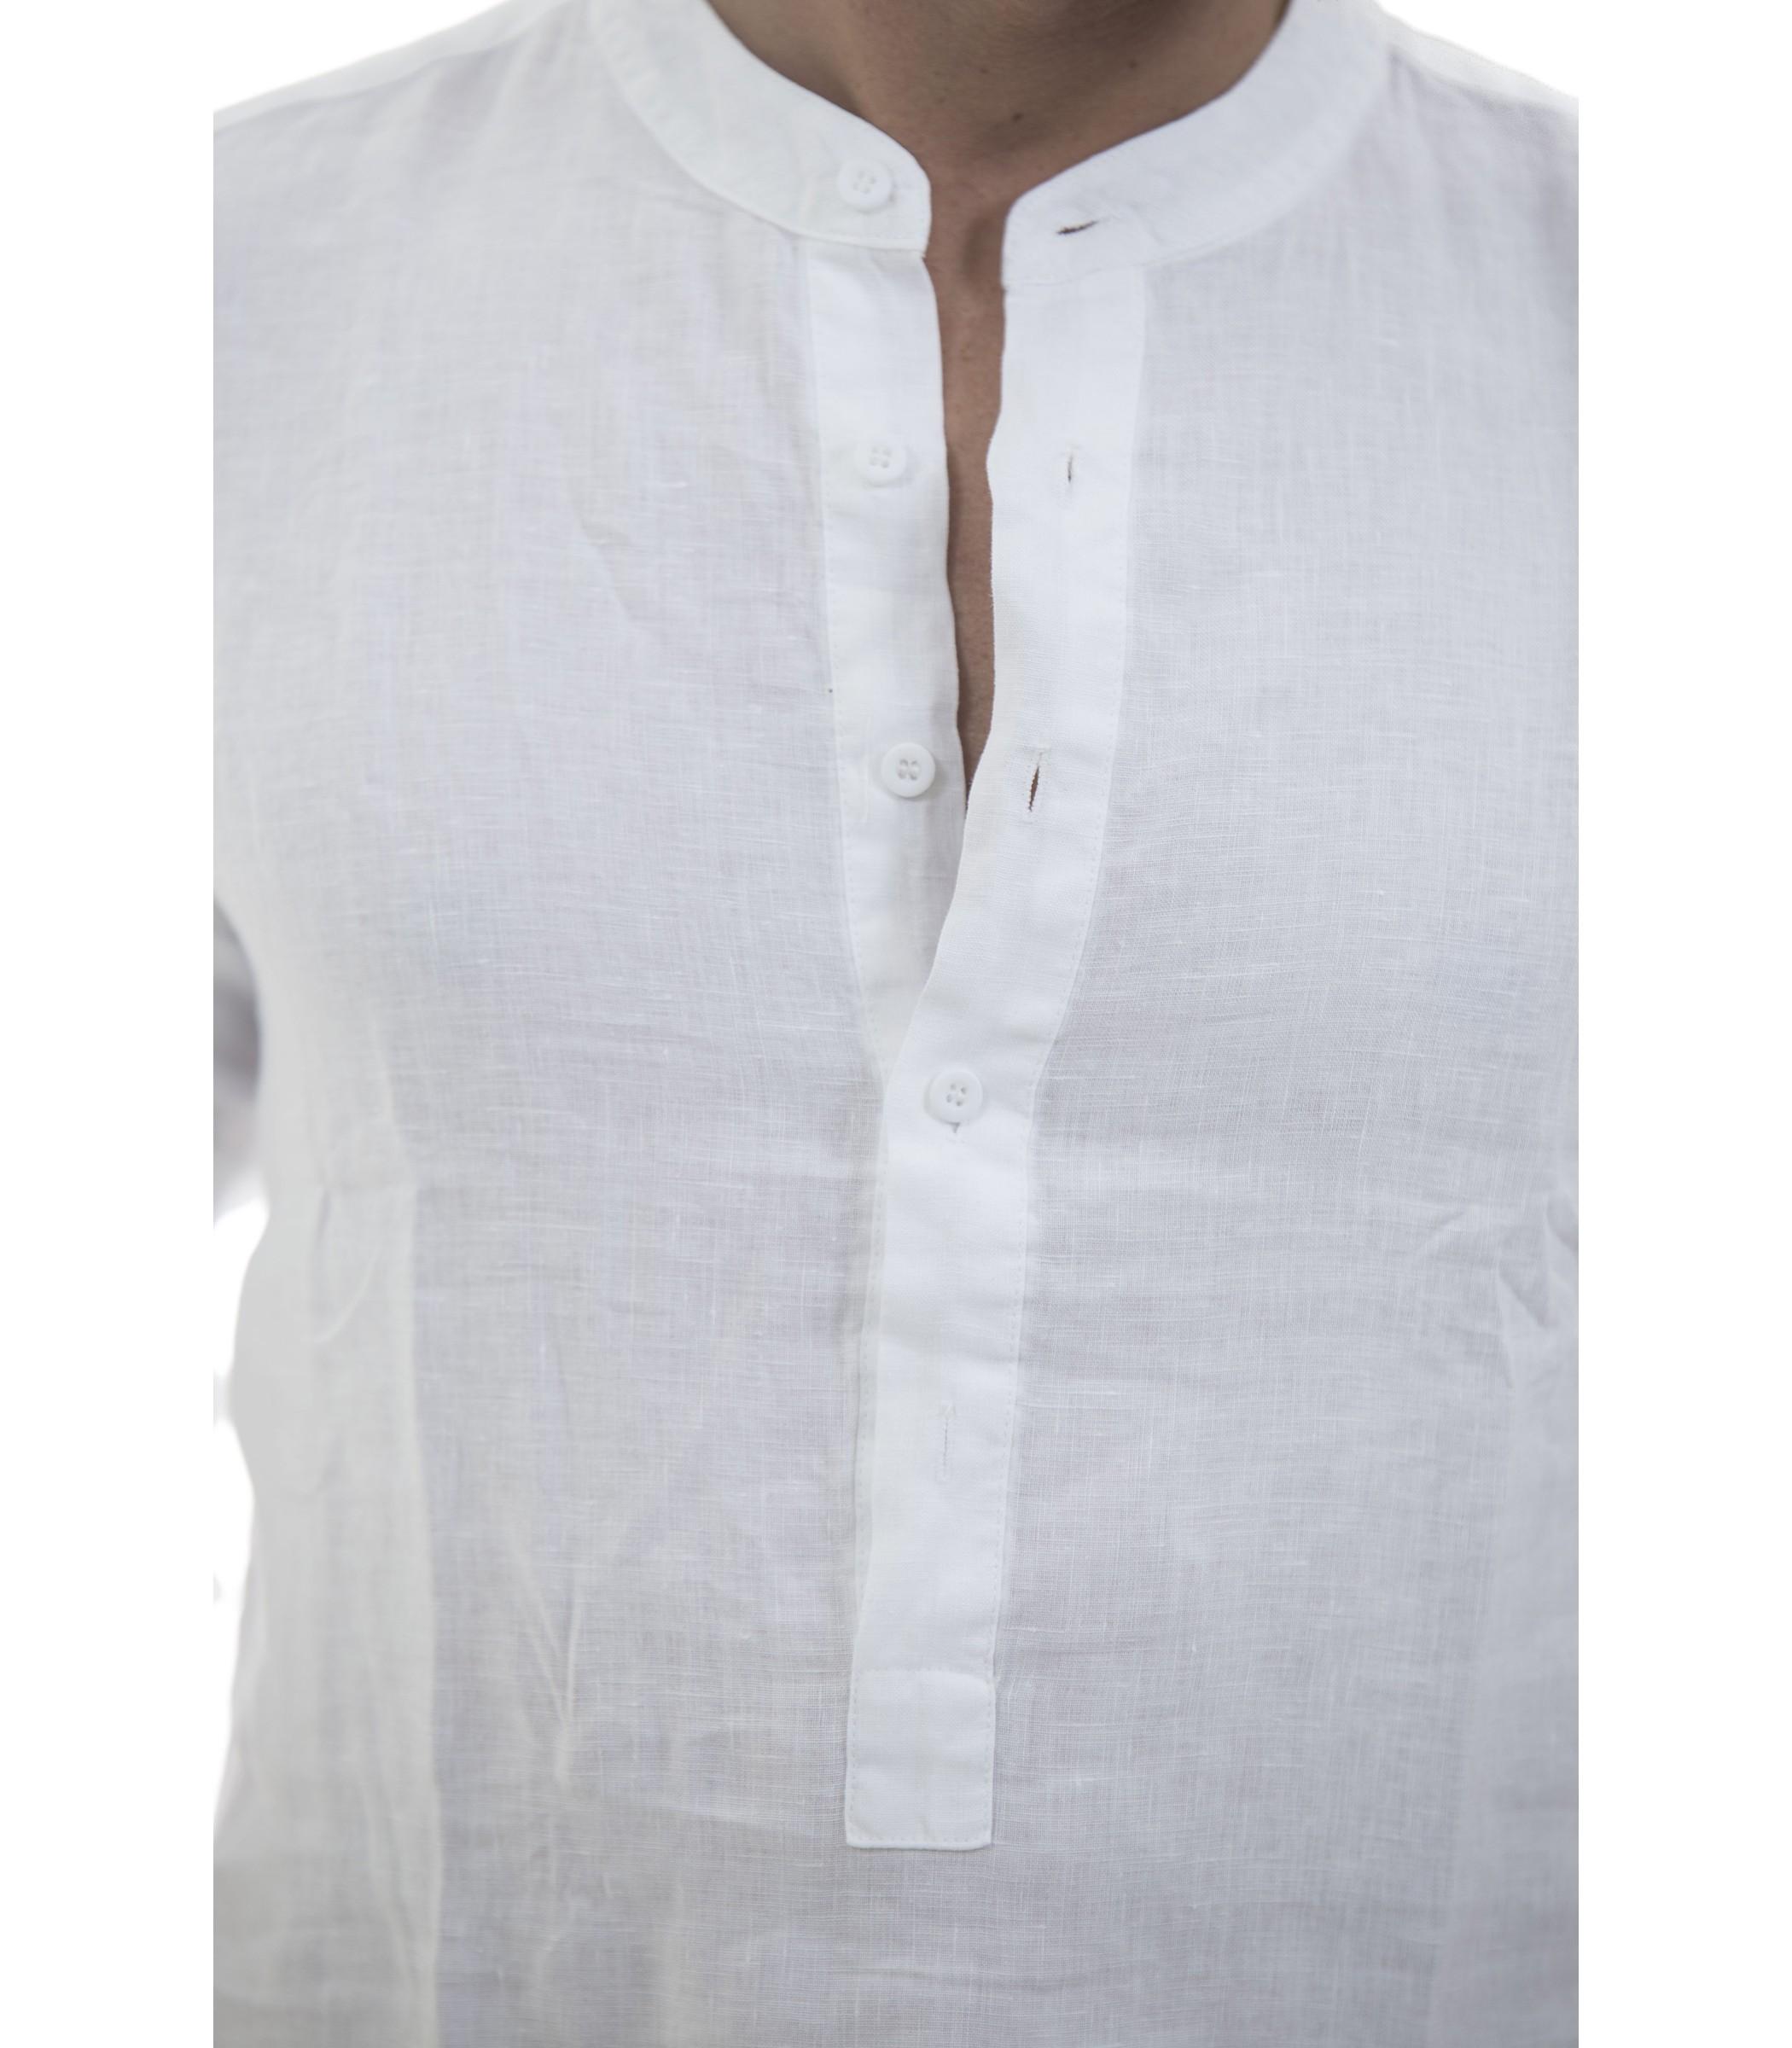 info for 4040f 0dbec Camicia casacca puro lino con collo coreana - uomo www ...